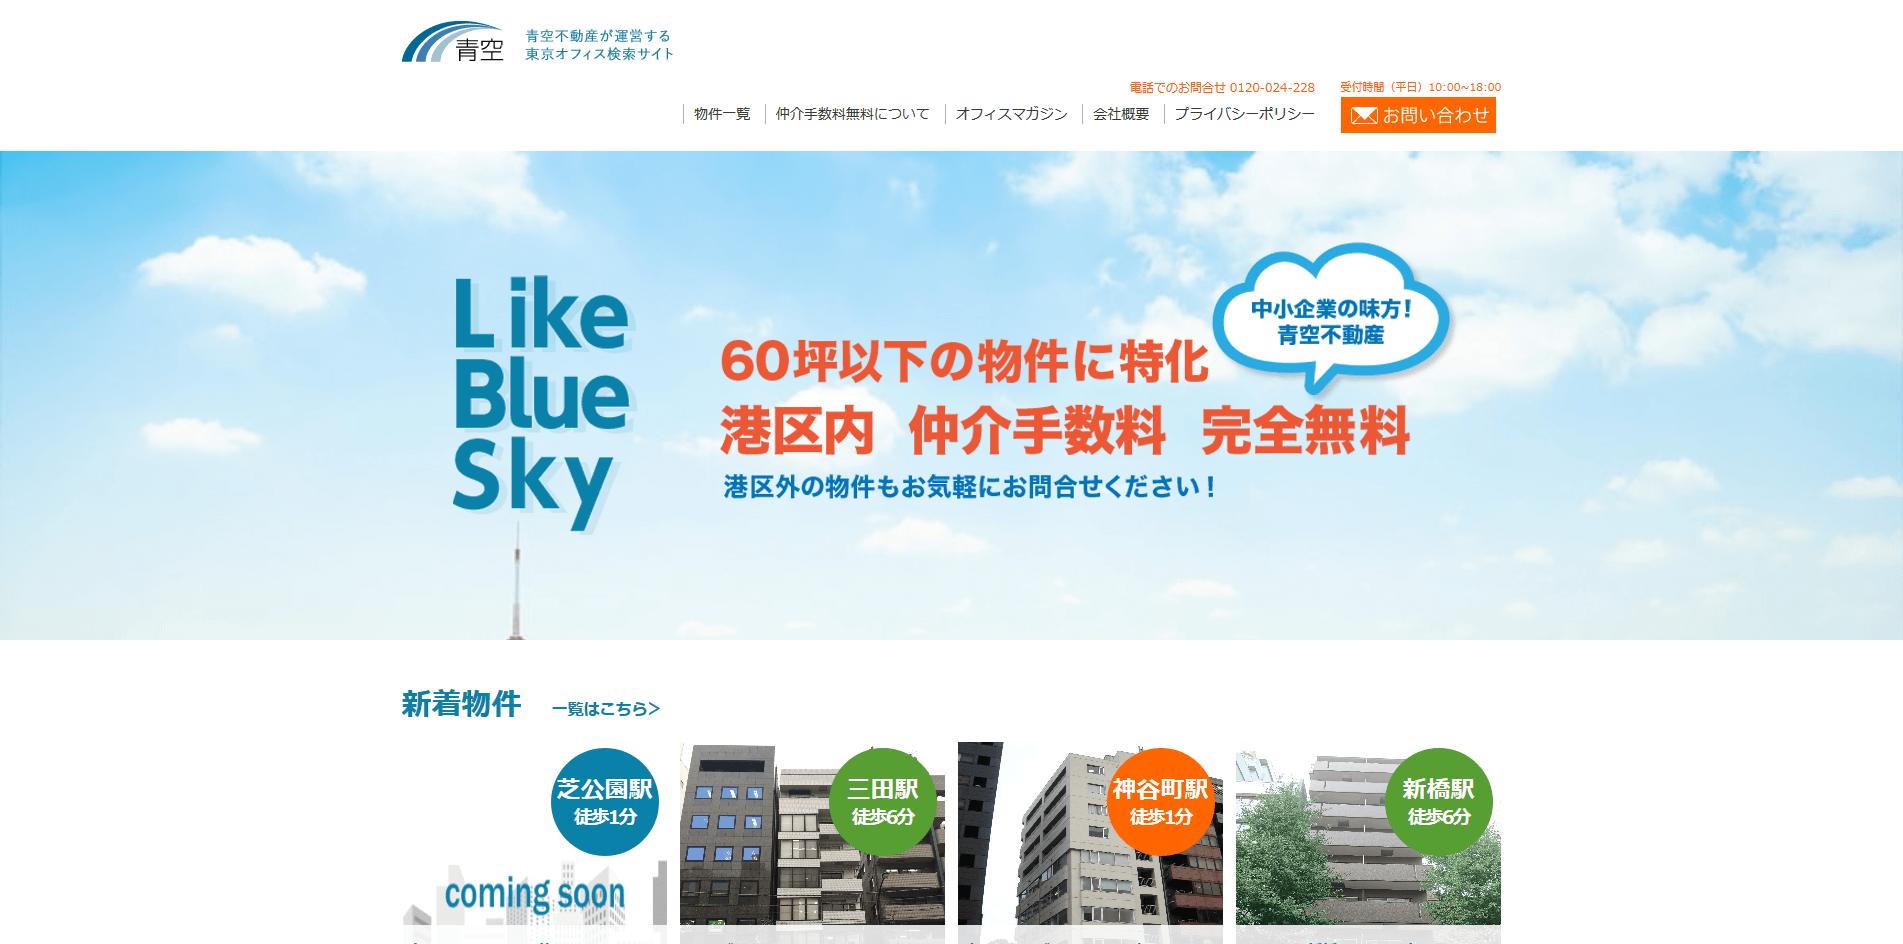 青空不動産 港区に特化したオフィス賃貸サイト